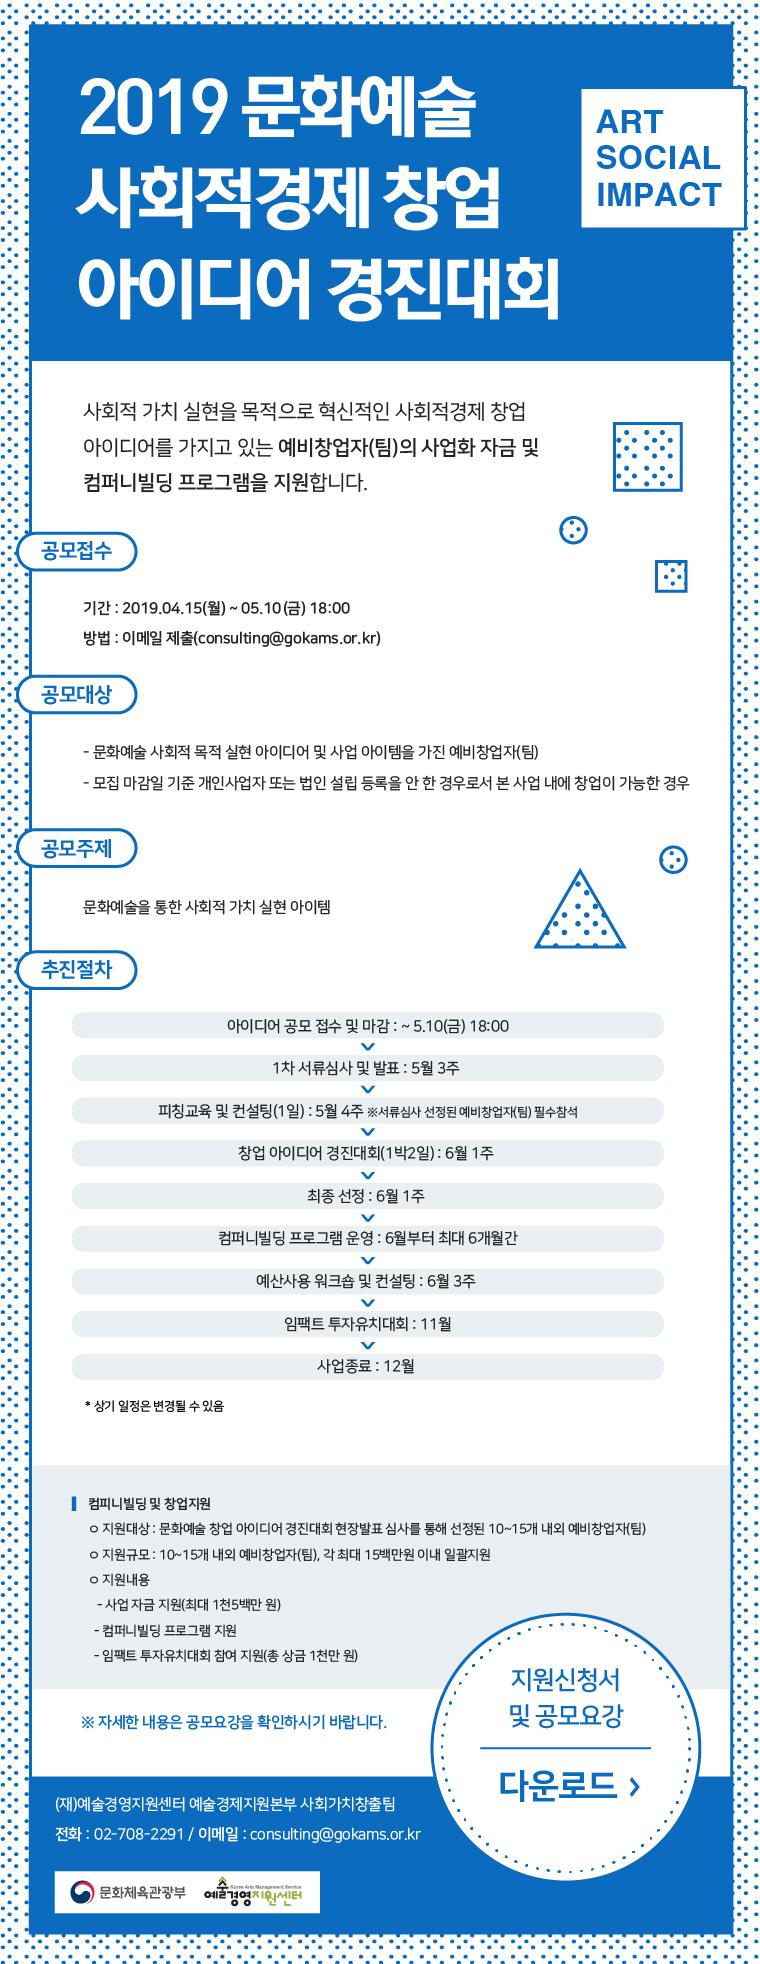 2019 문화예술 사회적경제 창업 아이디어 경진대회